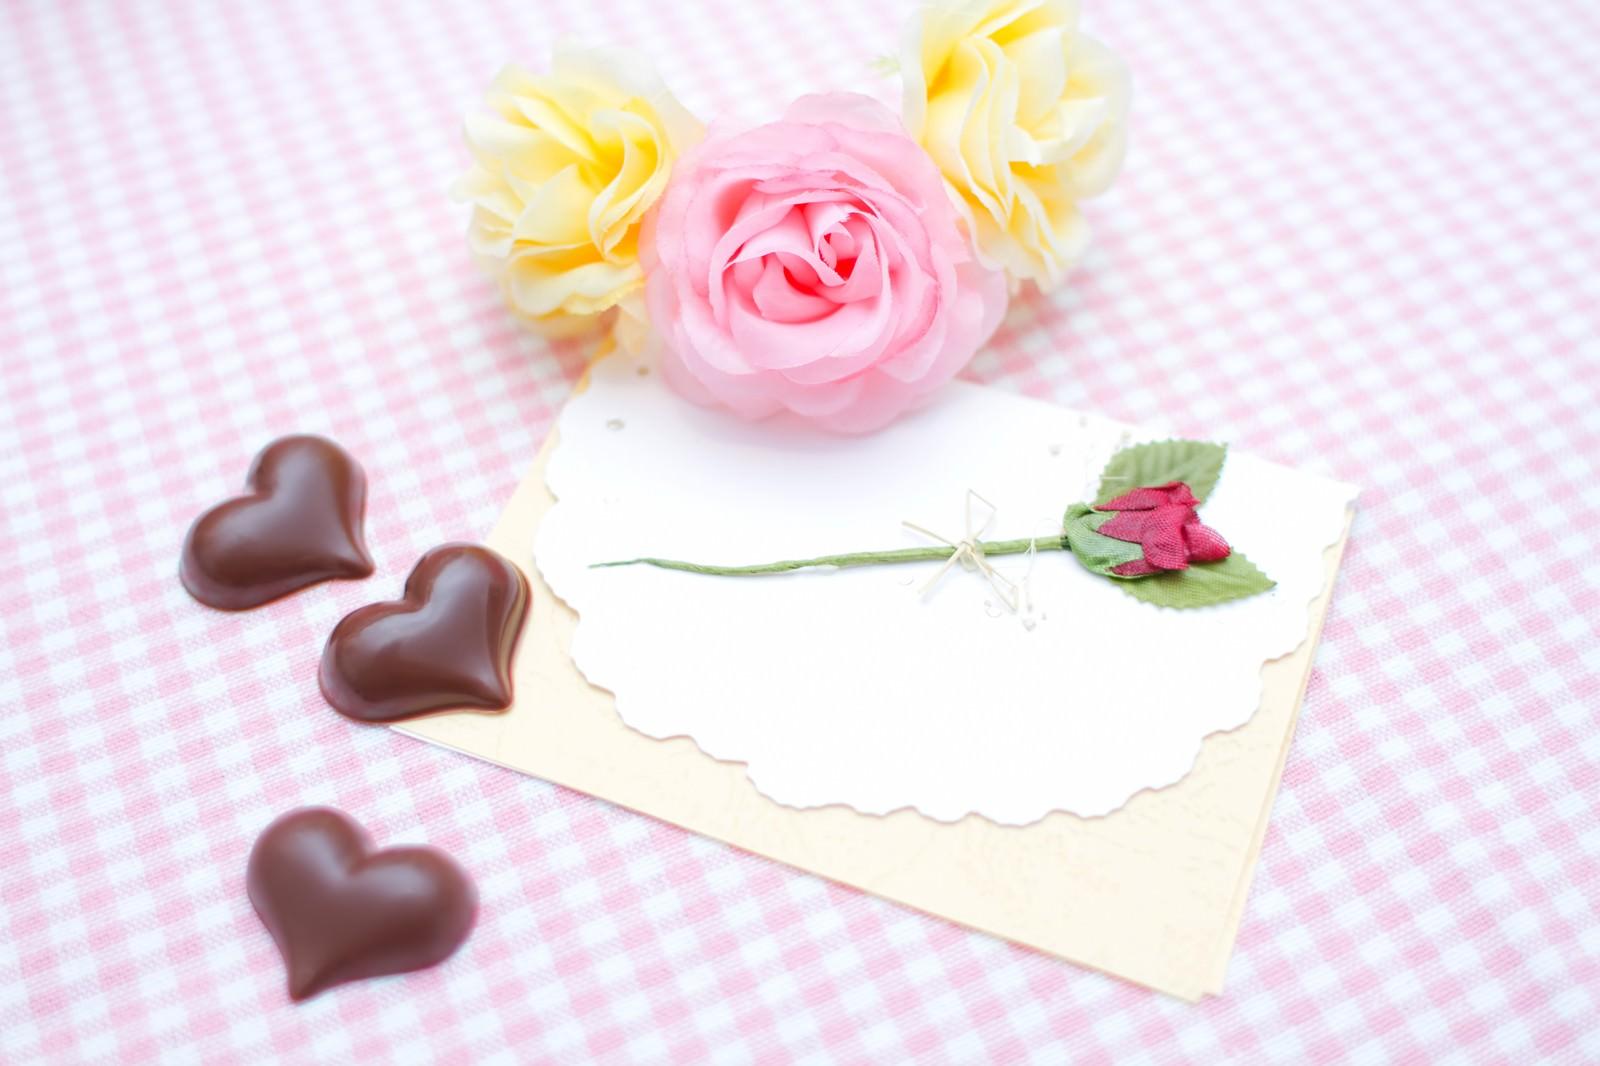 「薔薇の造花と手紙・ハート型のチョコ」の写真